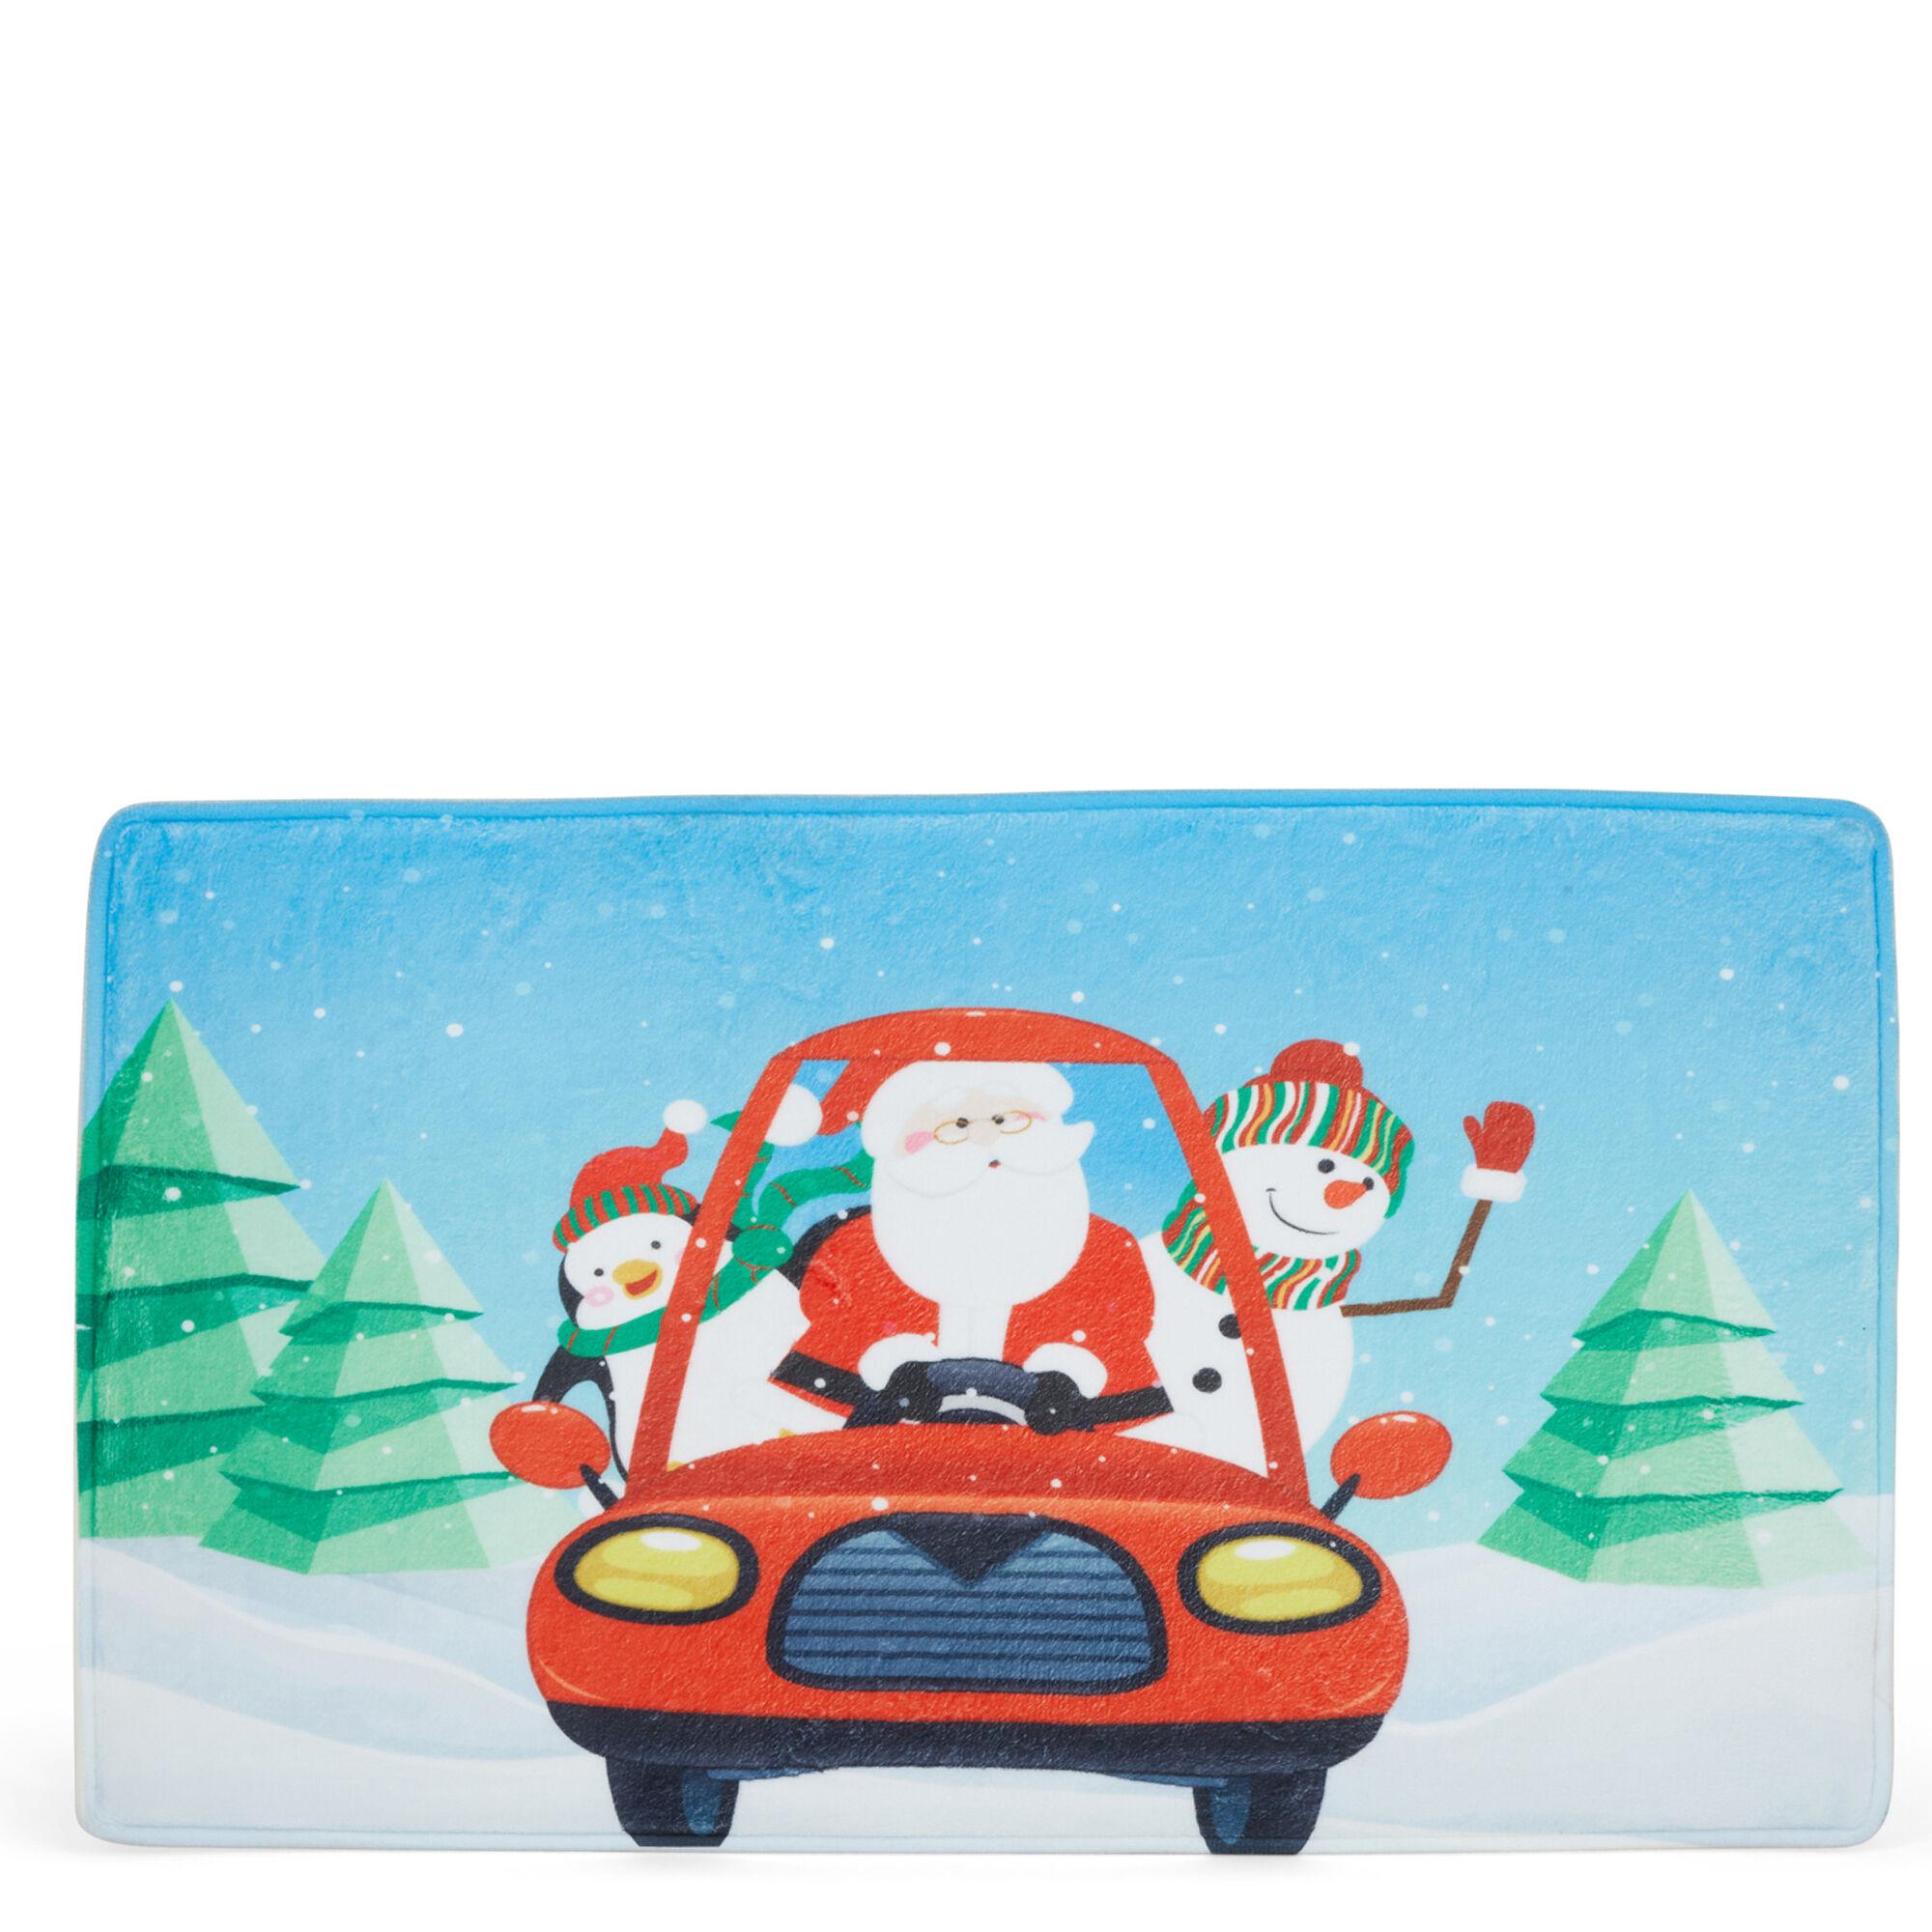 Tapis en mousse à mémoire de forme - Père Noël voiture- celeste, , large